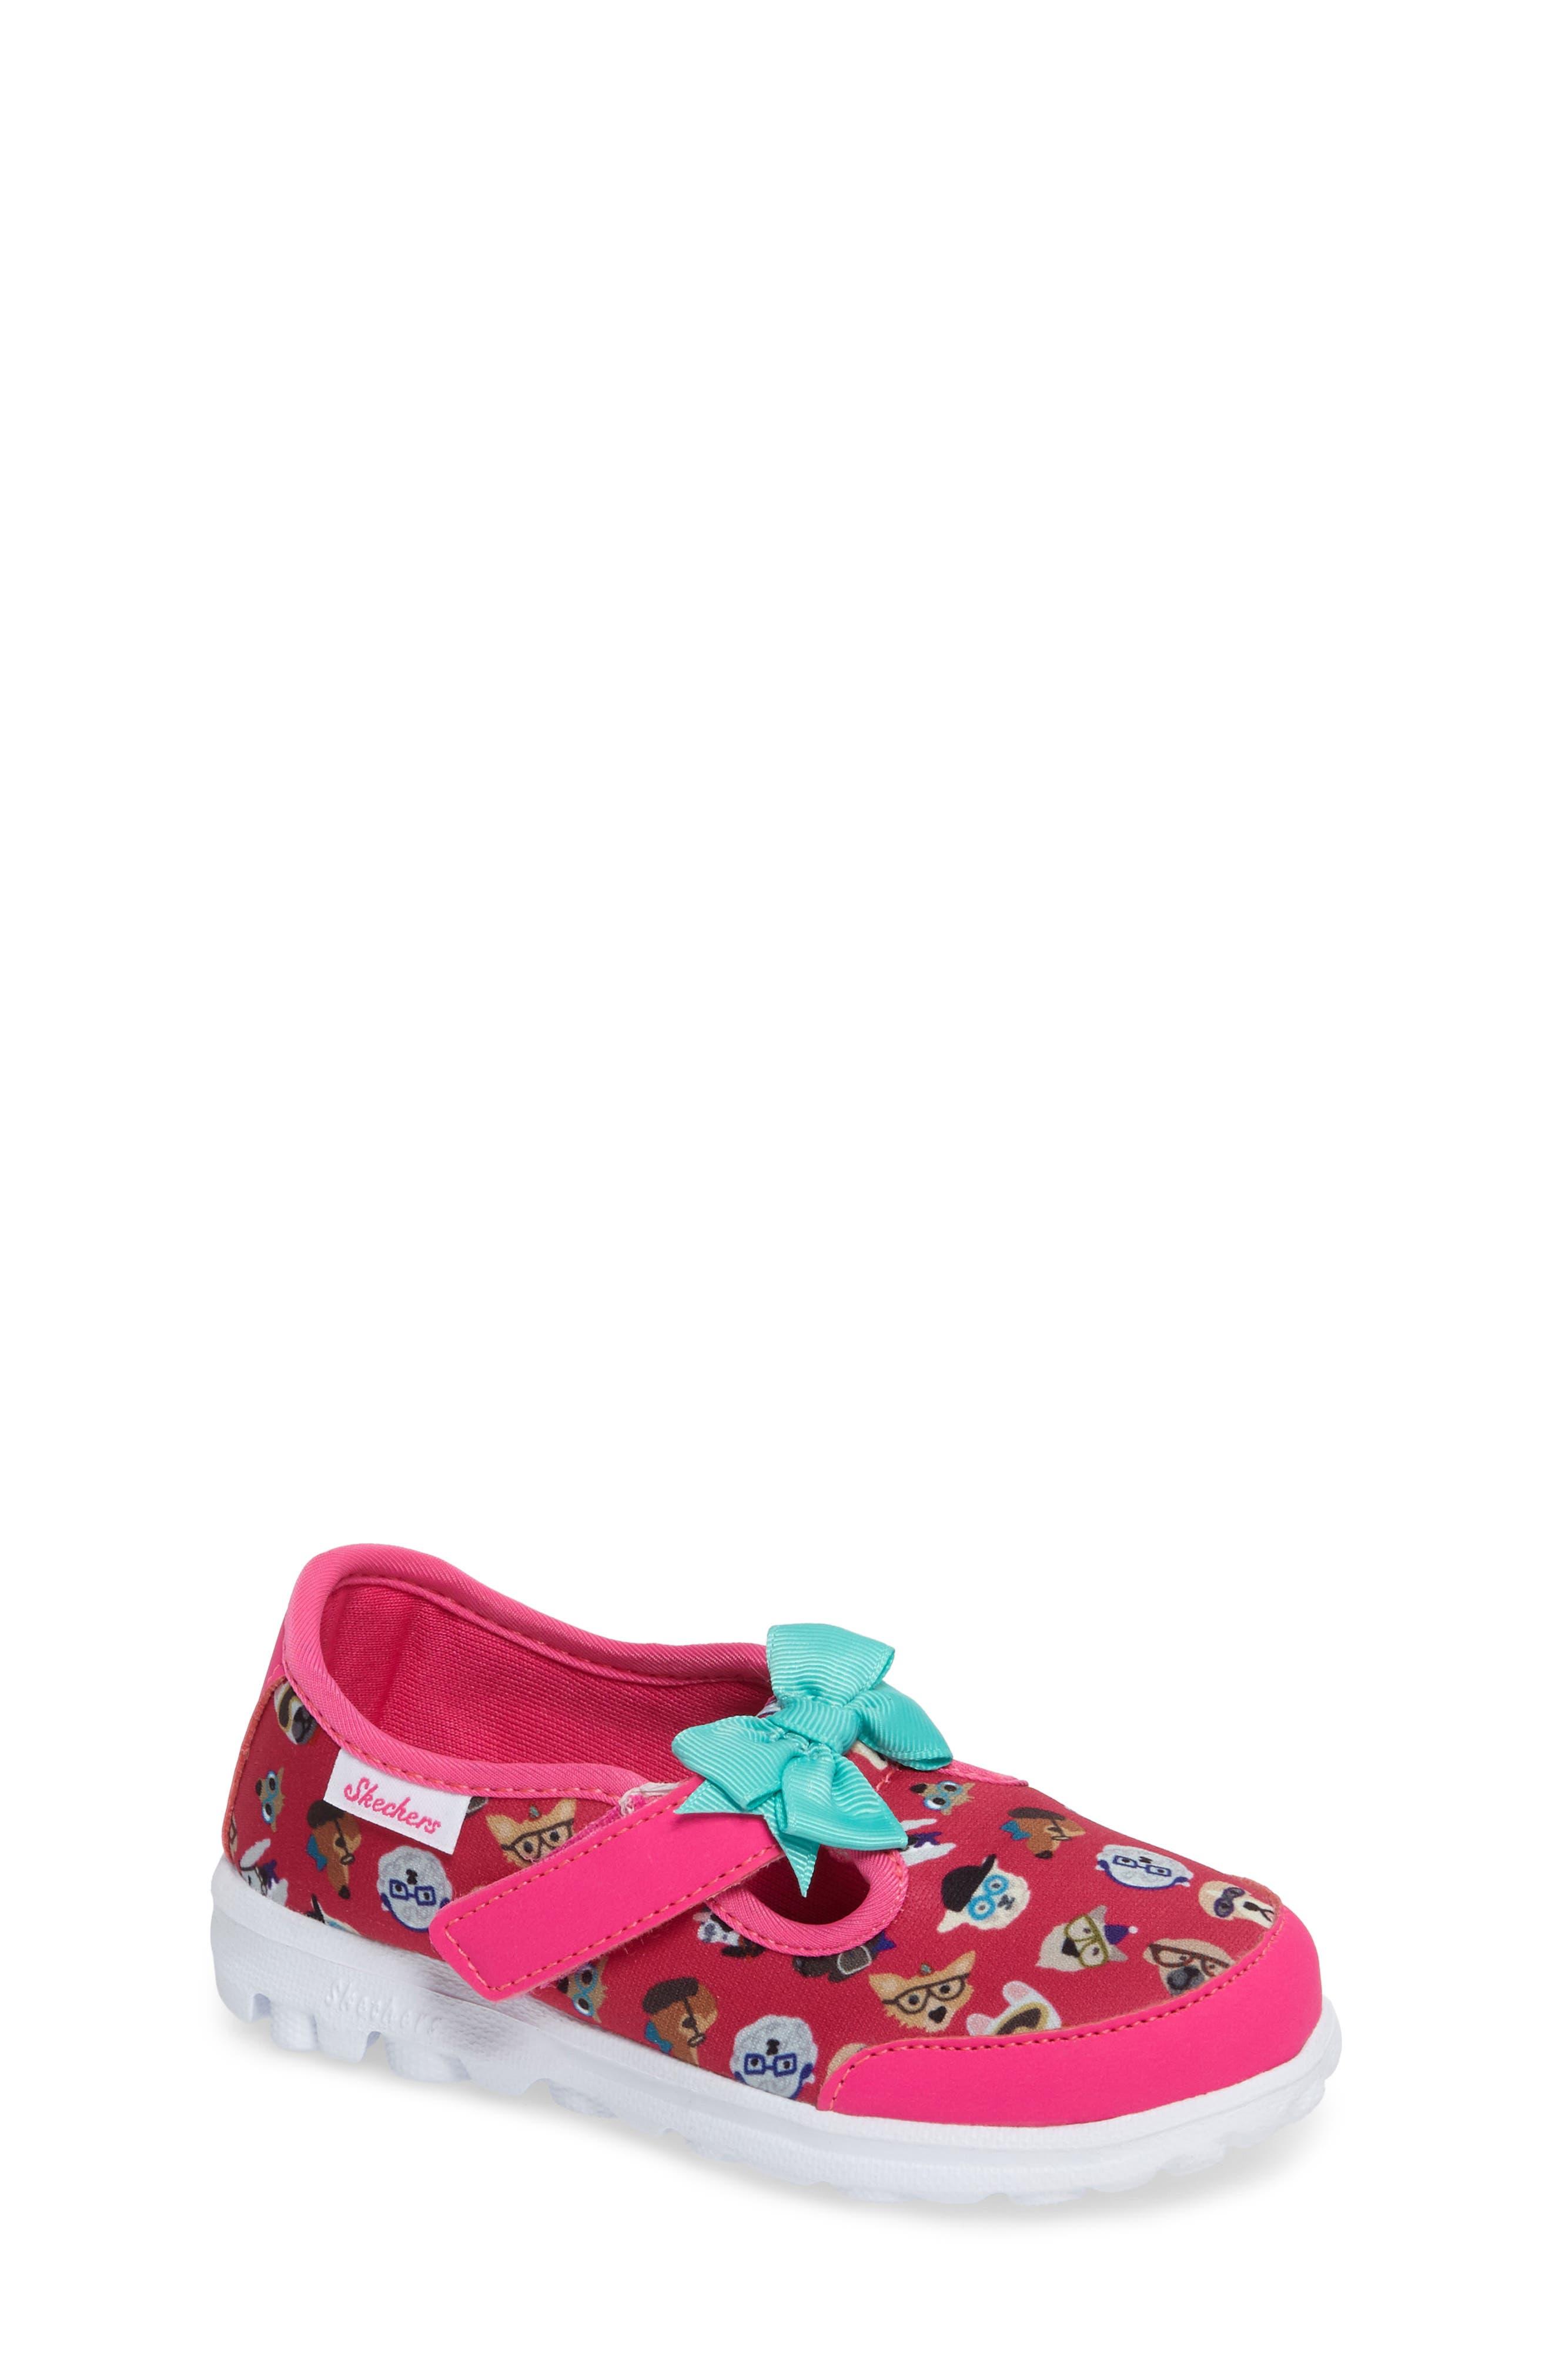 SKECHERS Go Walk Bow Wow Sneaker (Baby, Walker & Toddler)